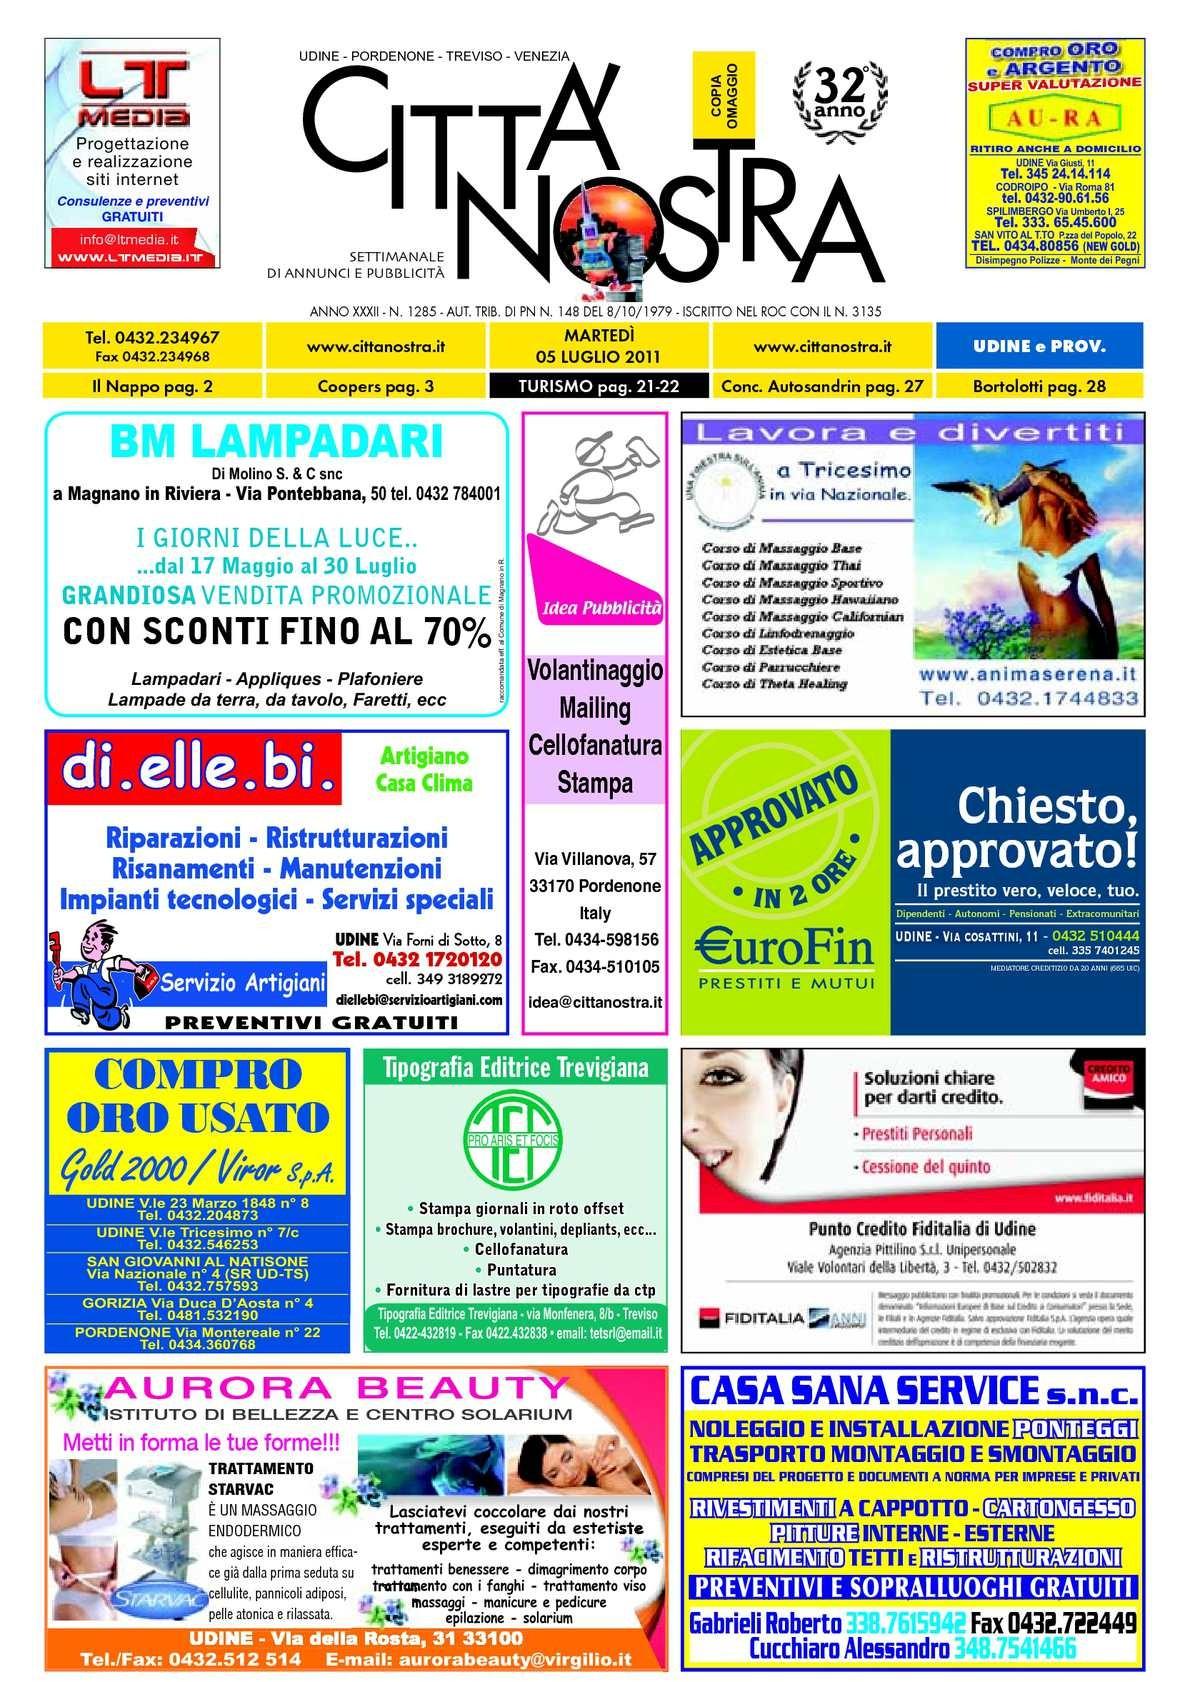 Calendario 2019 Aprile Maggio Mejores Y Más Novedosos Calaméo Citt Nostra Udine Del 05 07 2011 N 1285 Of Calendario 2019 Aprile Maggio Más Recientes Calaméo Citt Nostra Udine Del 21 06 2011 N 1283